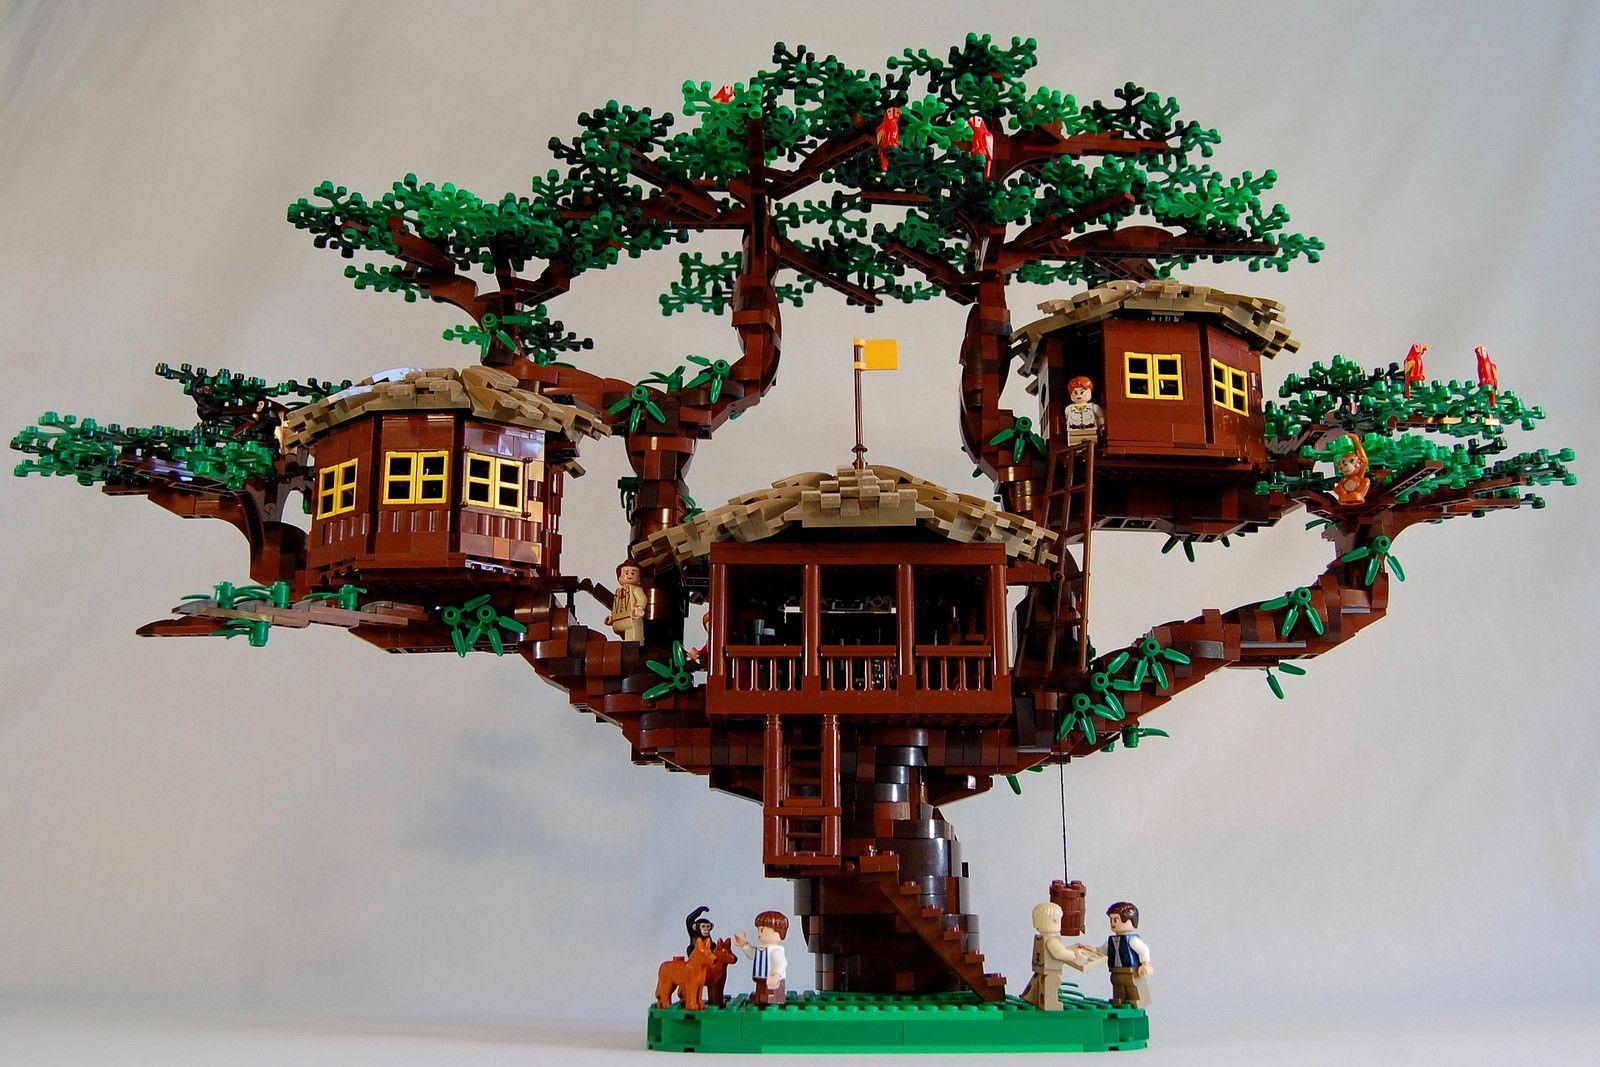 Swiss Family Robinson Treehouse Lego Tree House Lego Tree Swiss Family Robinson Treehouse